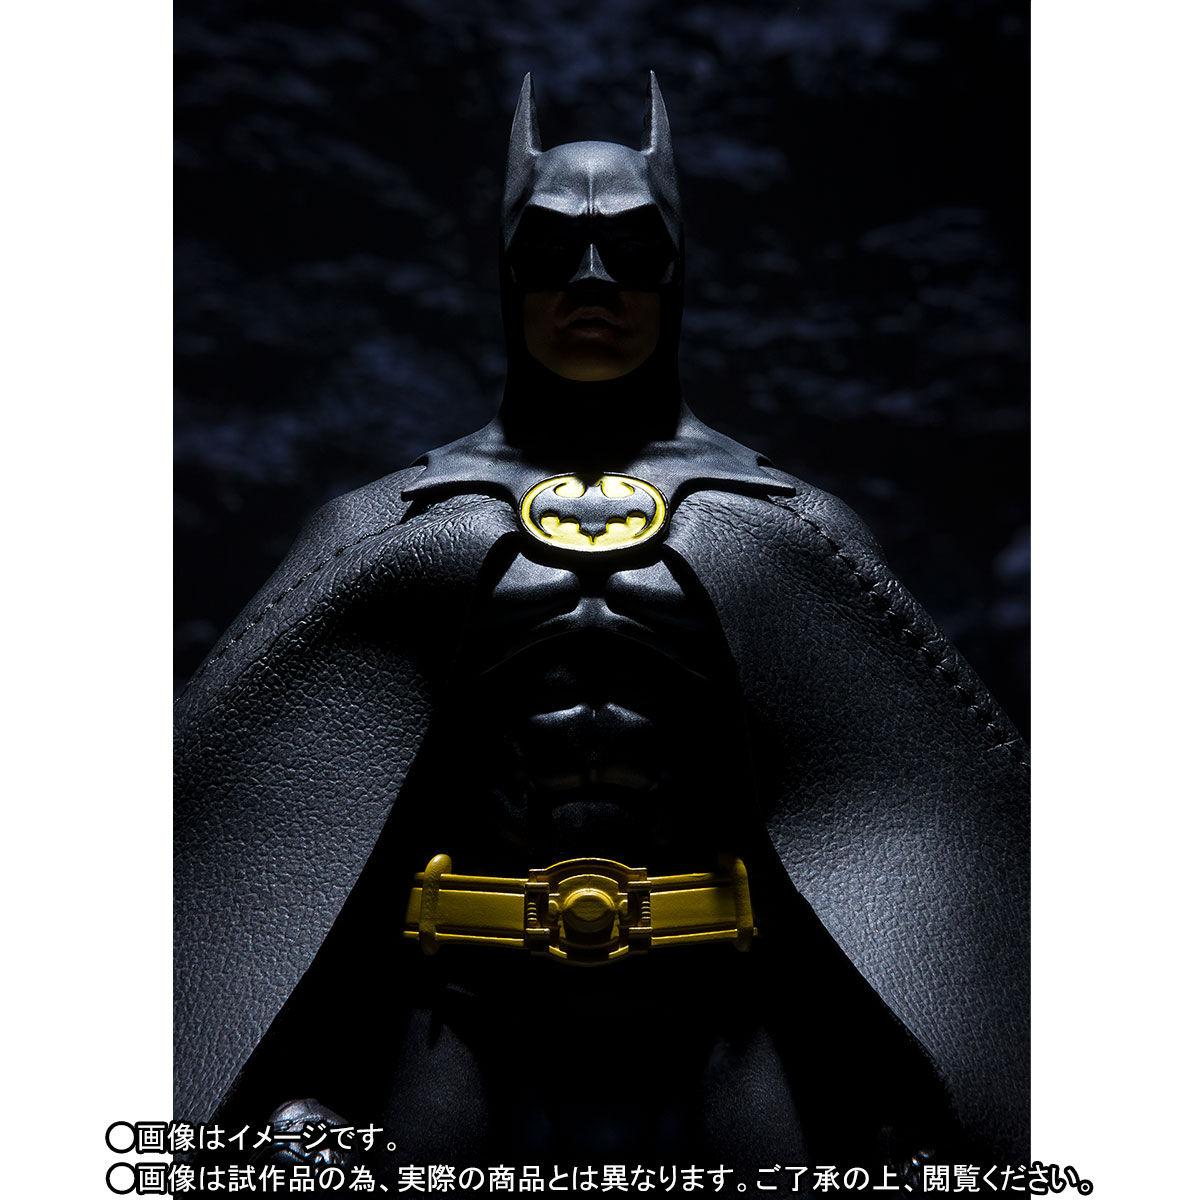 SH-Figuarts-1989-Batman-010